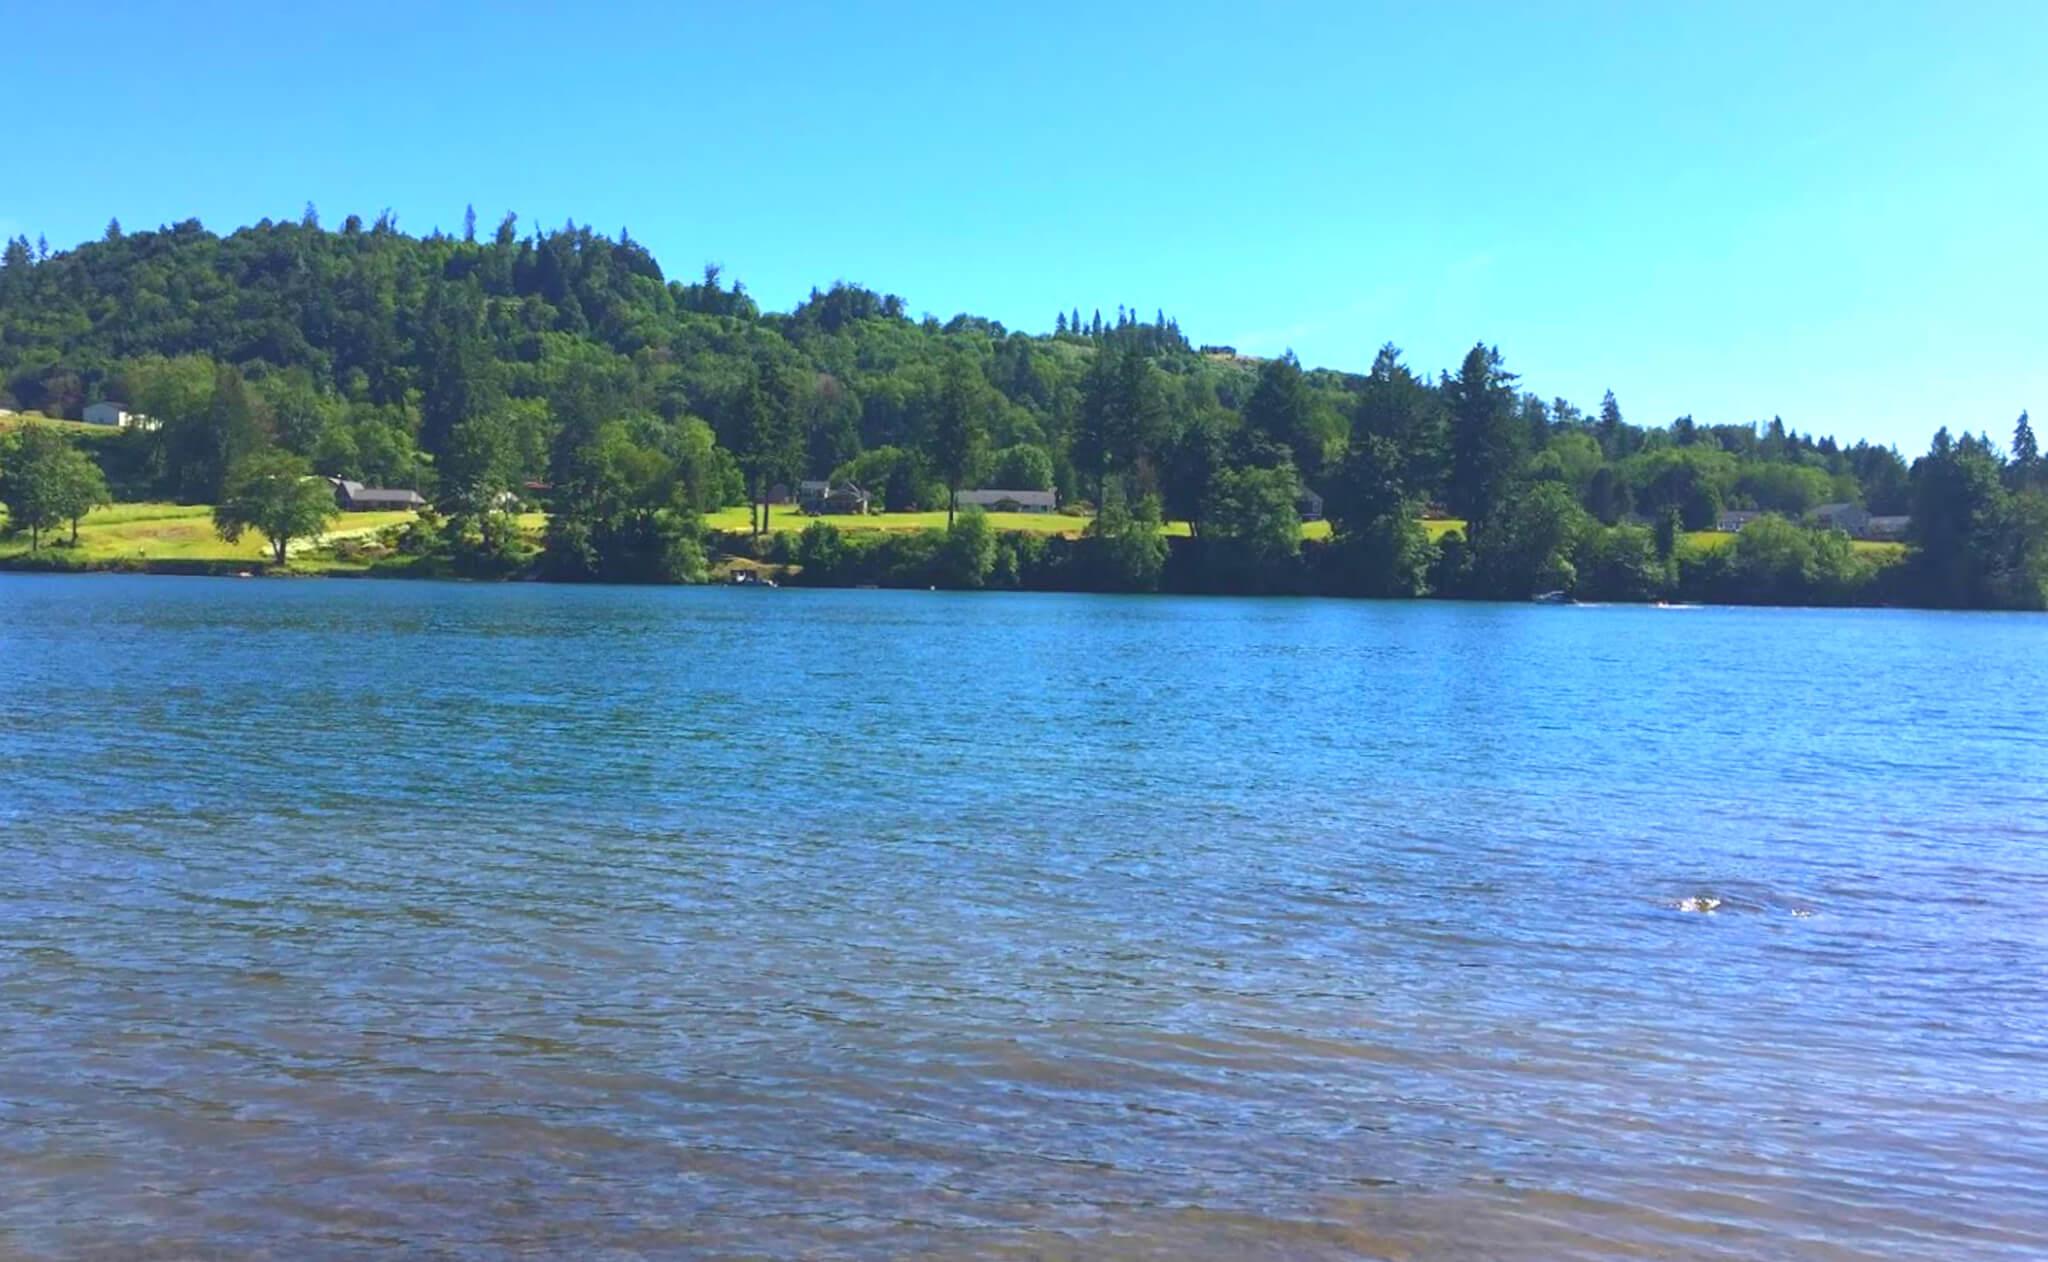 Mayfield-Lake-Fishing-Report-Guide-Washington-WA-06